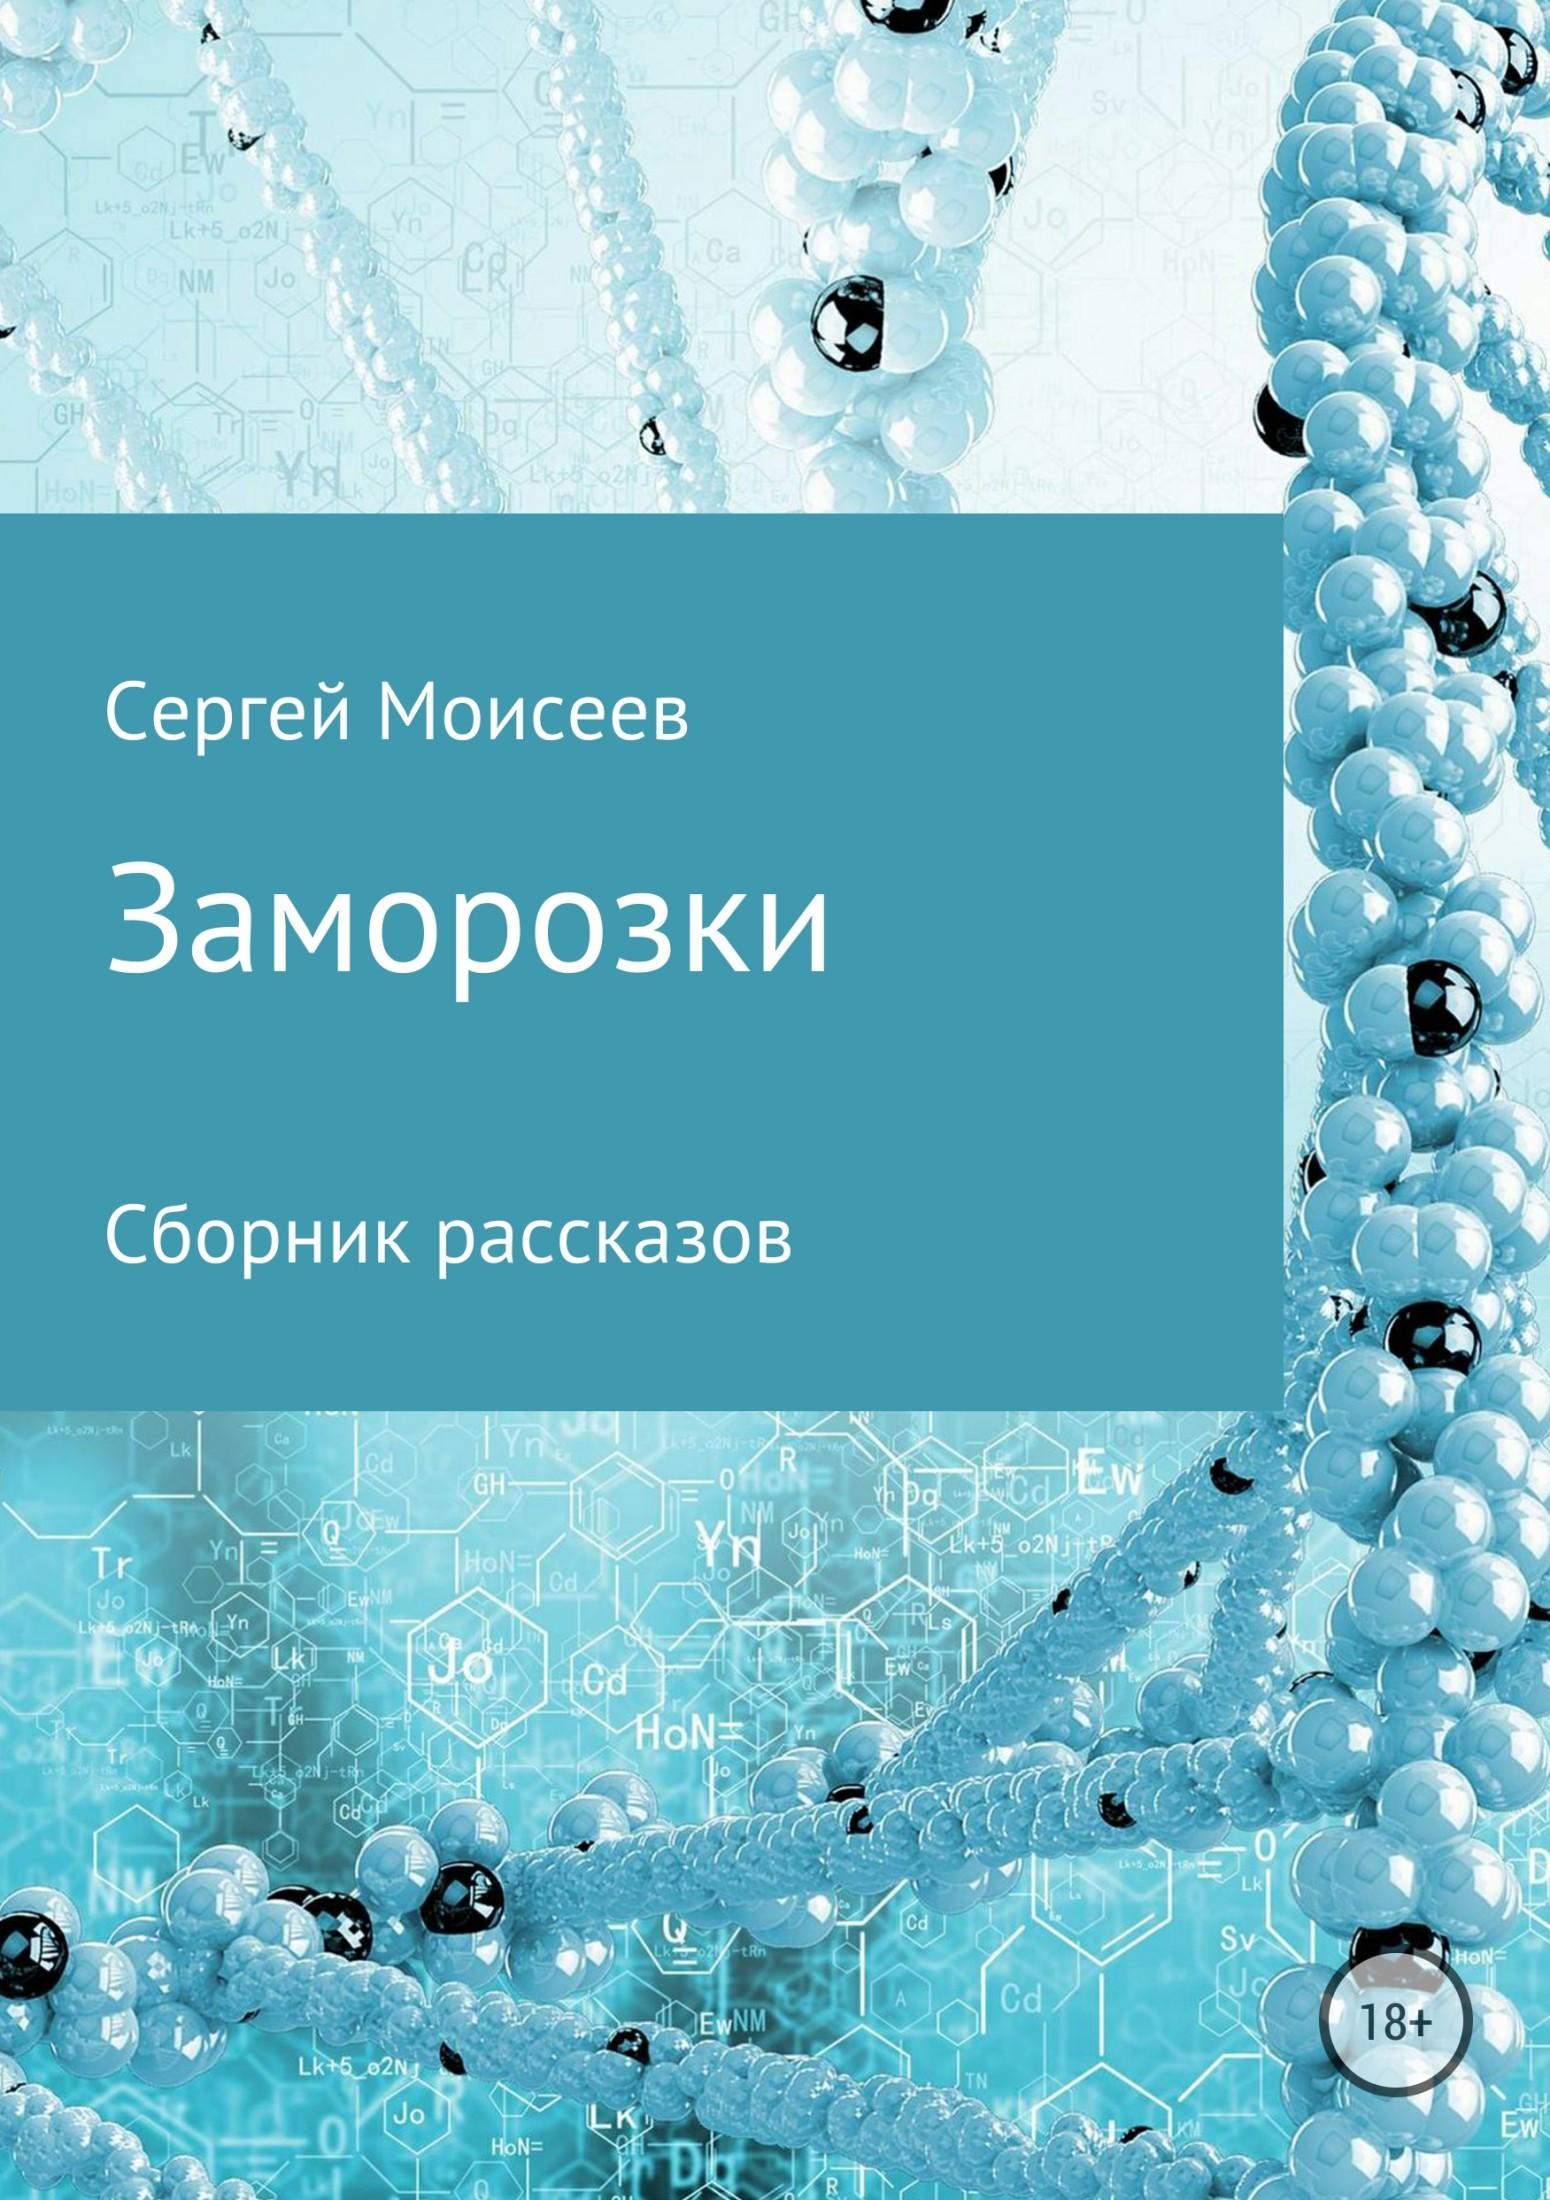 Сергей Васильевич Моисеев Заморозки самаров сергей васильевич ликвидация докхантера